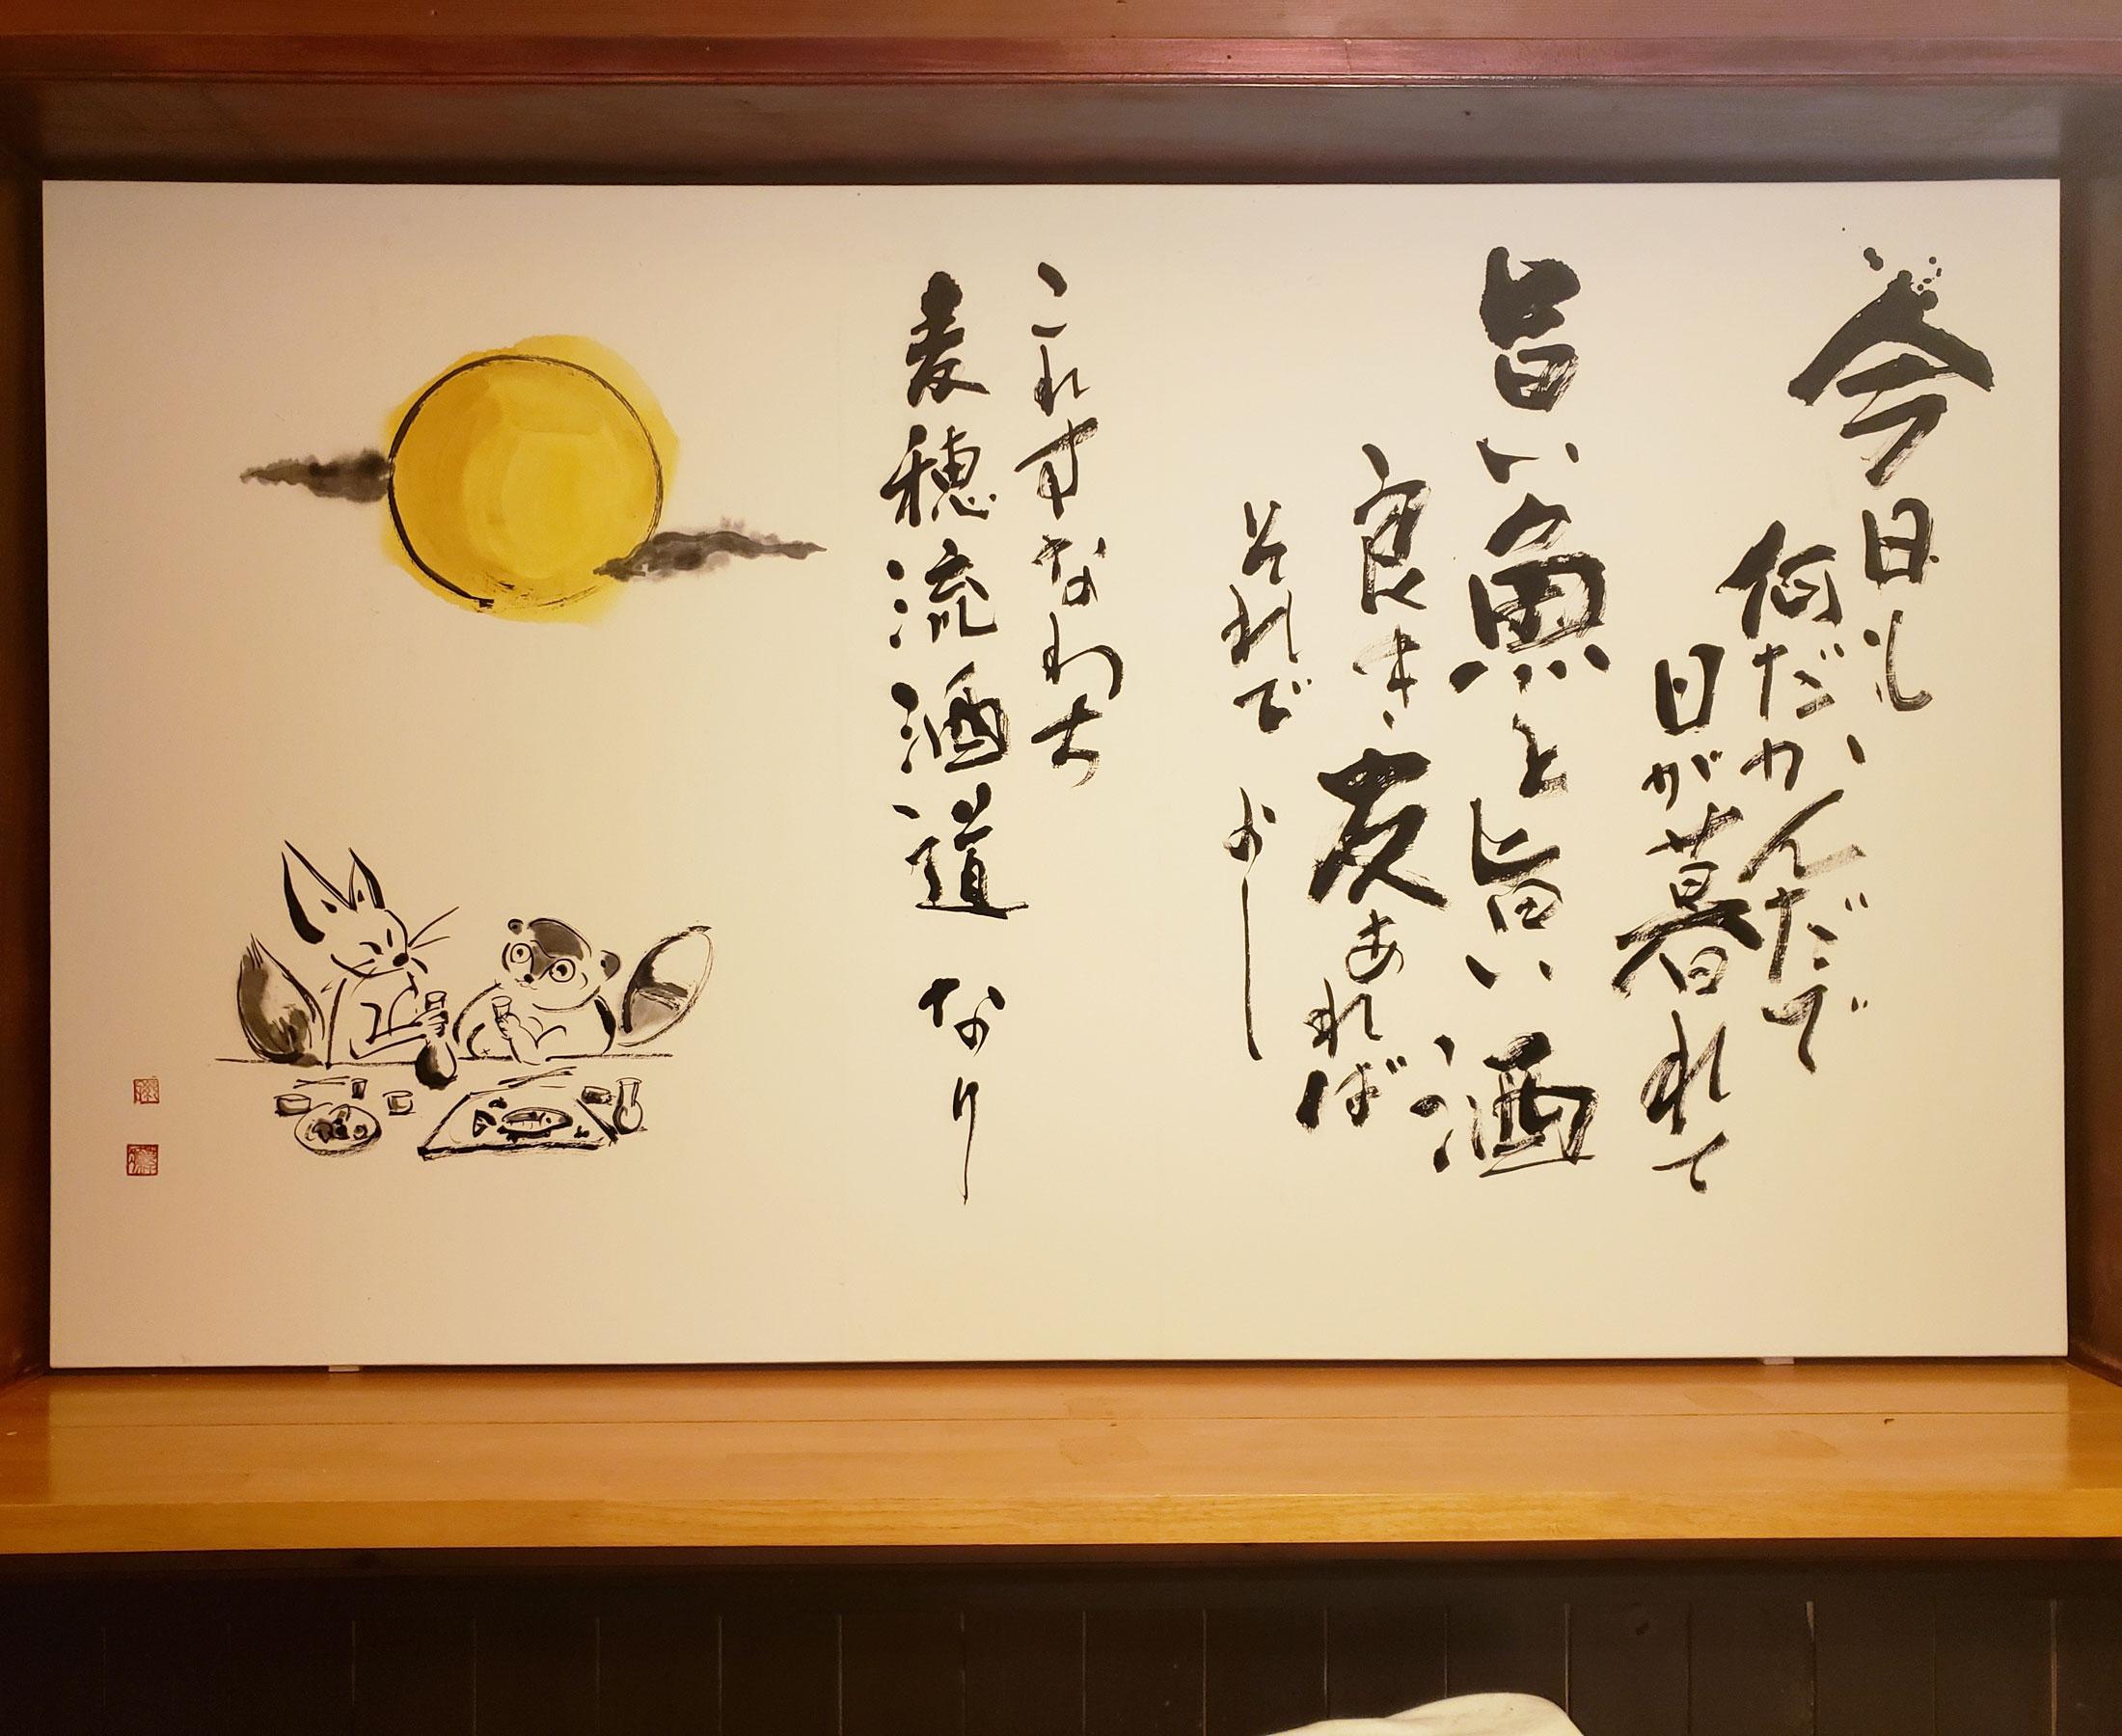 墨と筆で書く絵と文字 楽しく粋な日本を感じてみましょう!